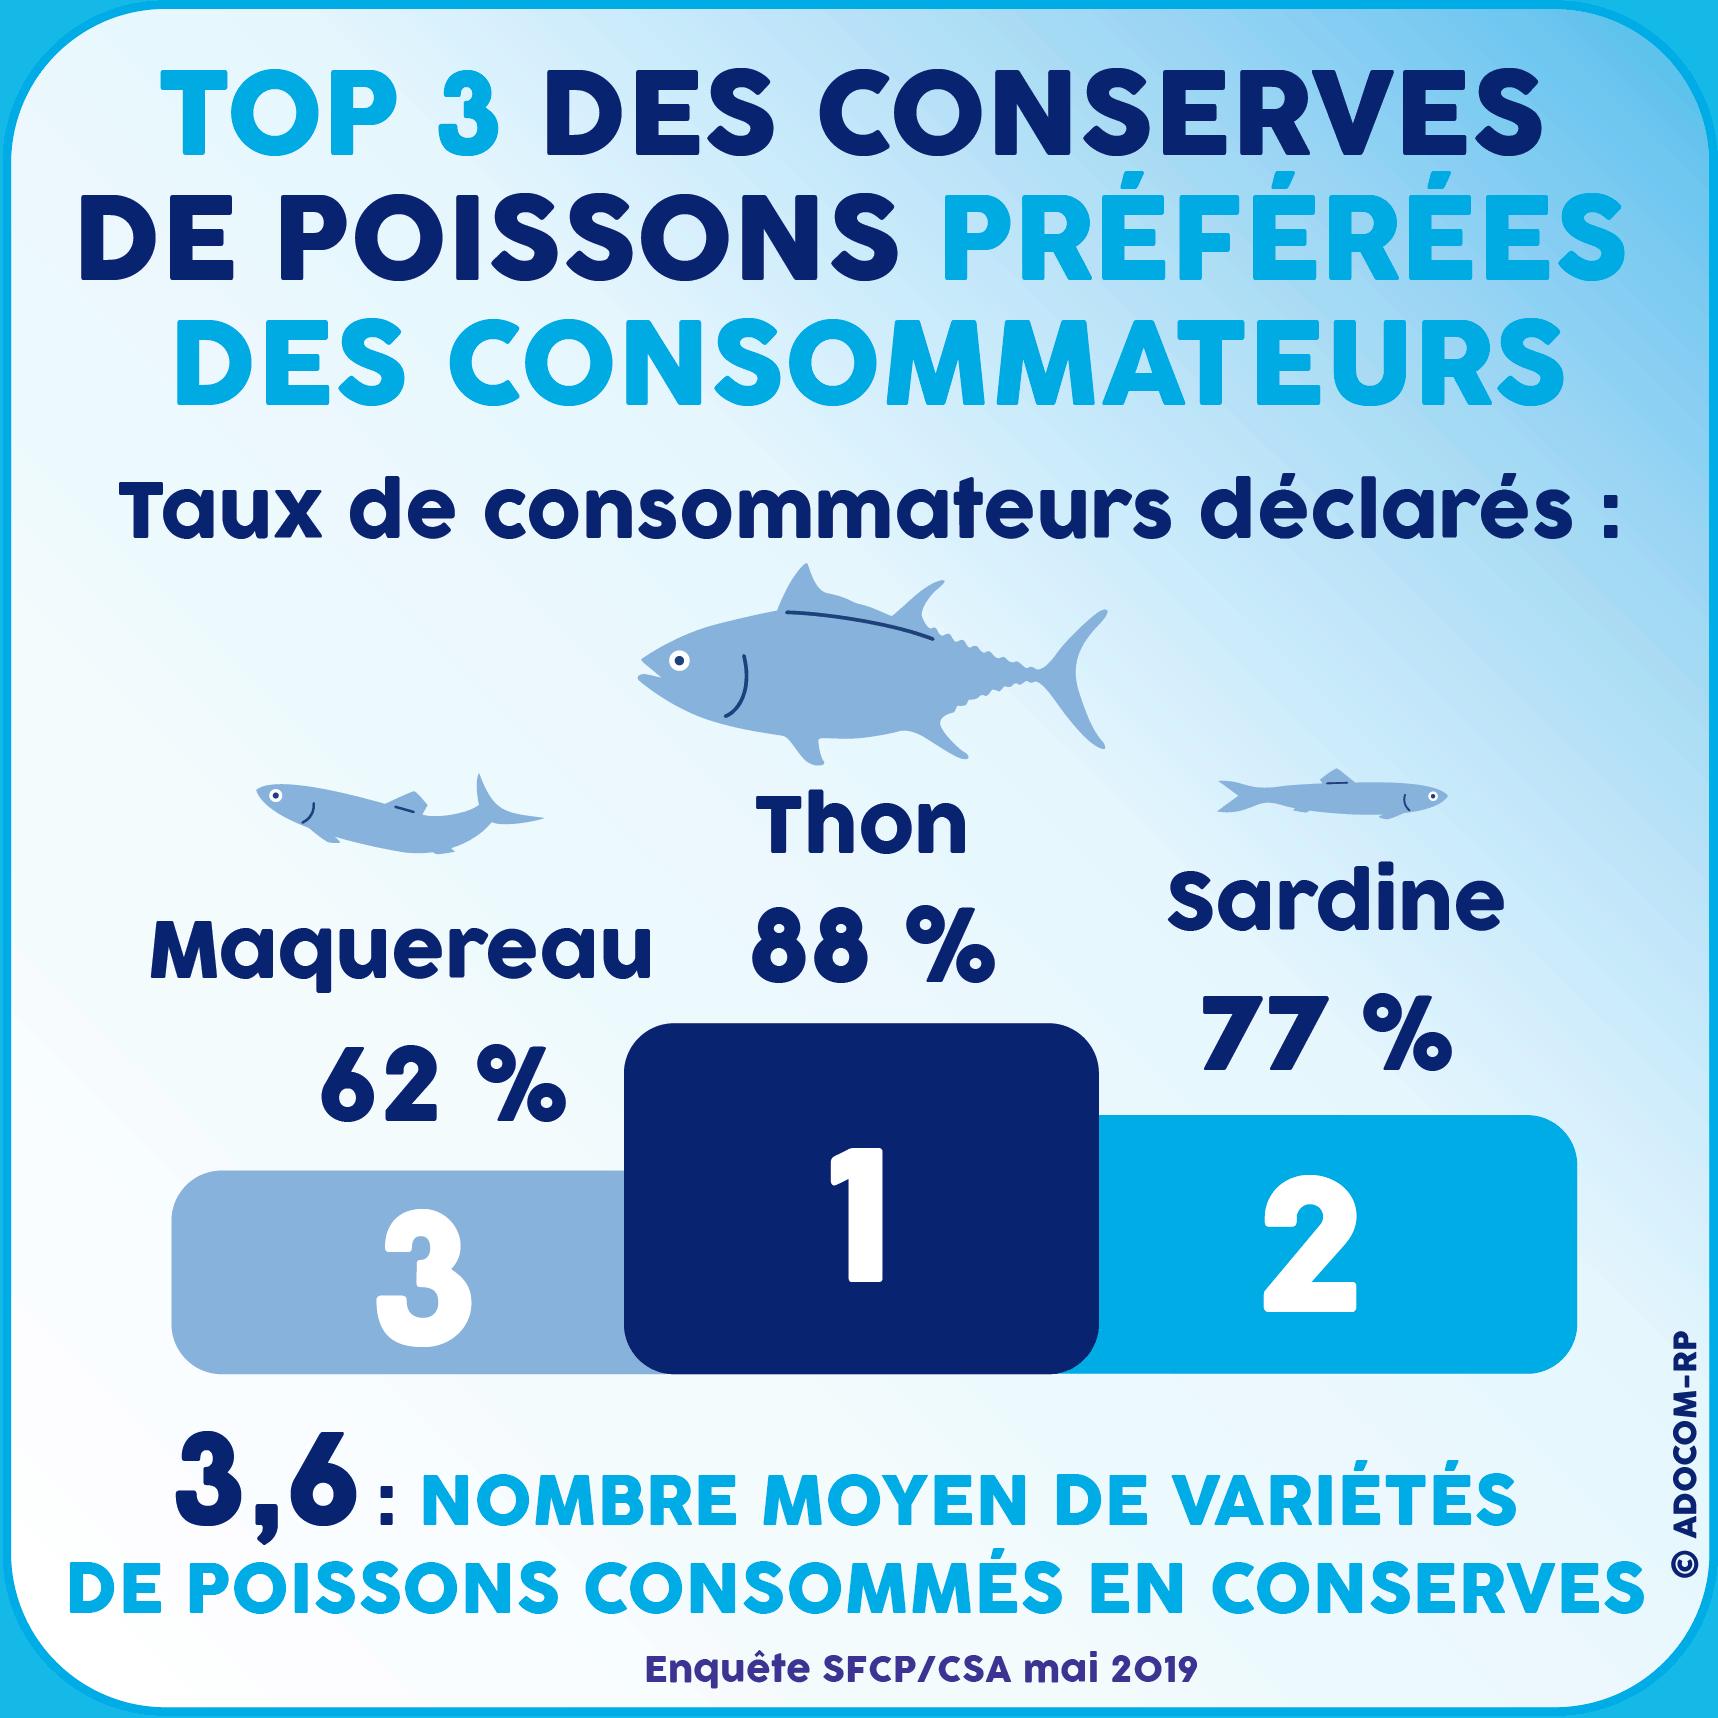 Top 3 des Conserves de Poissons préférées des consommateurs - Enquête SFCP/CSA mai 2019 - Adocom-RP